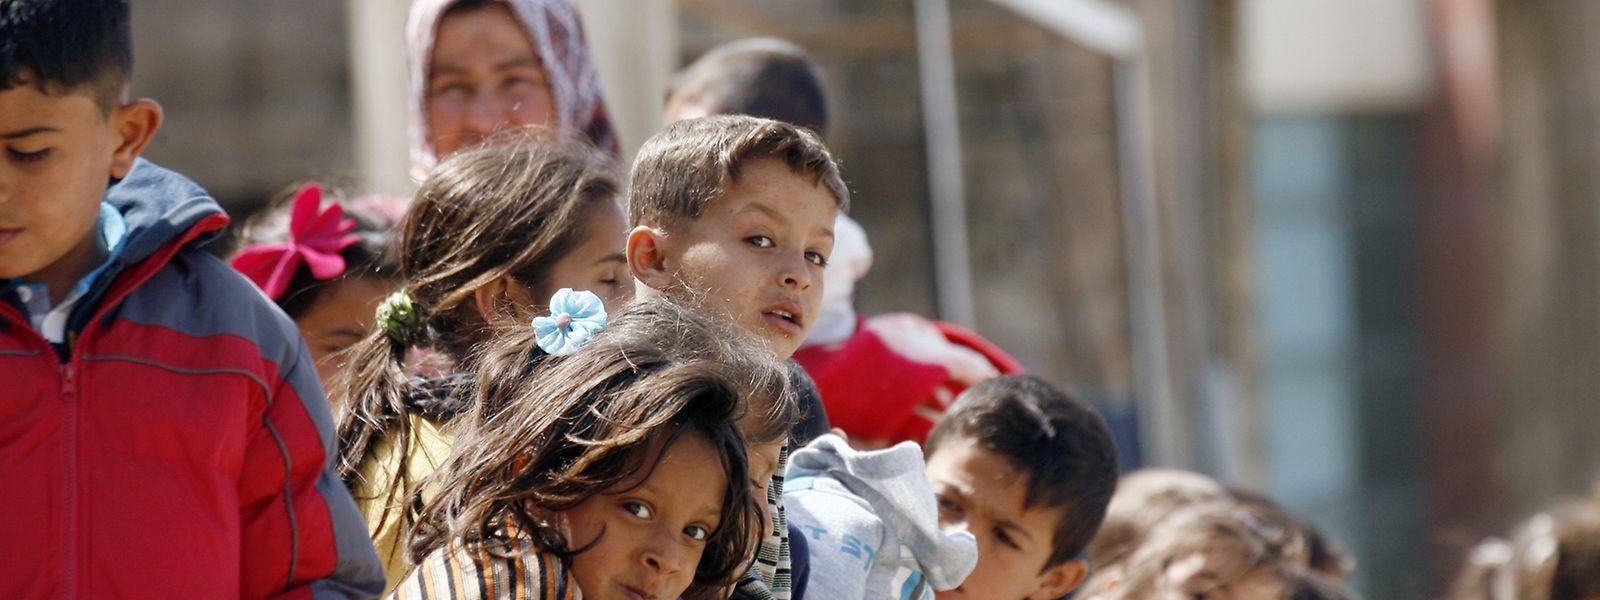 Unter den rund 22 000 Menschen, die heute in Schatila leben, sind etwa 2000 Palästinenser, die in ihrem Leben schon zweimal geflohen sind.